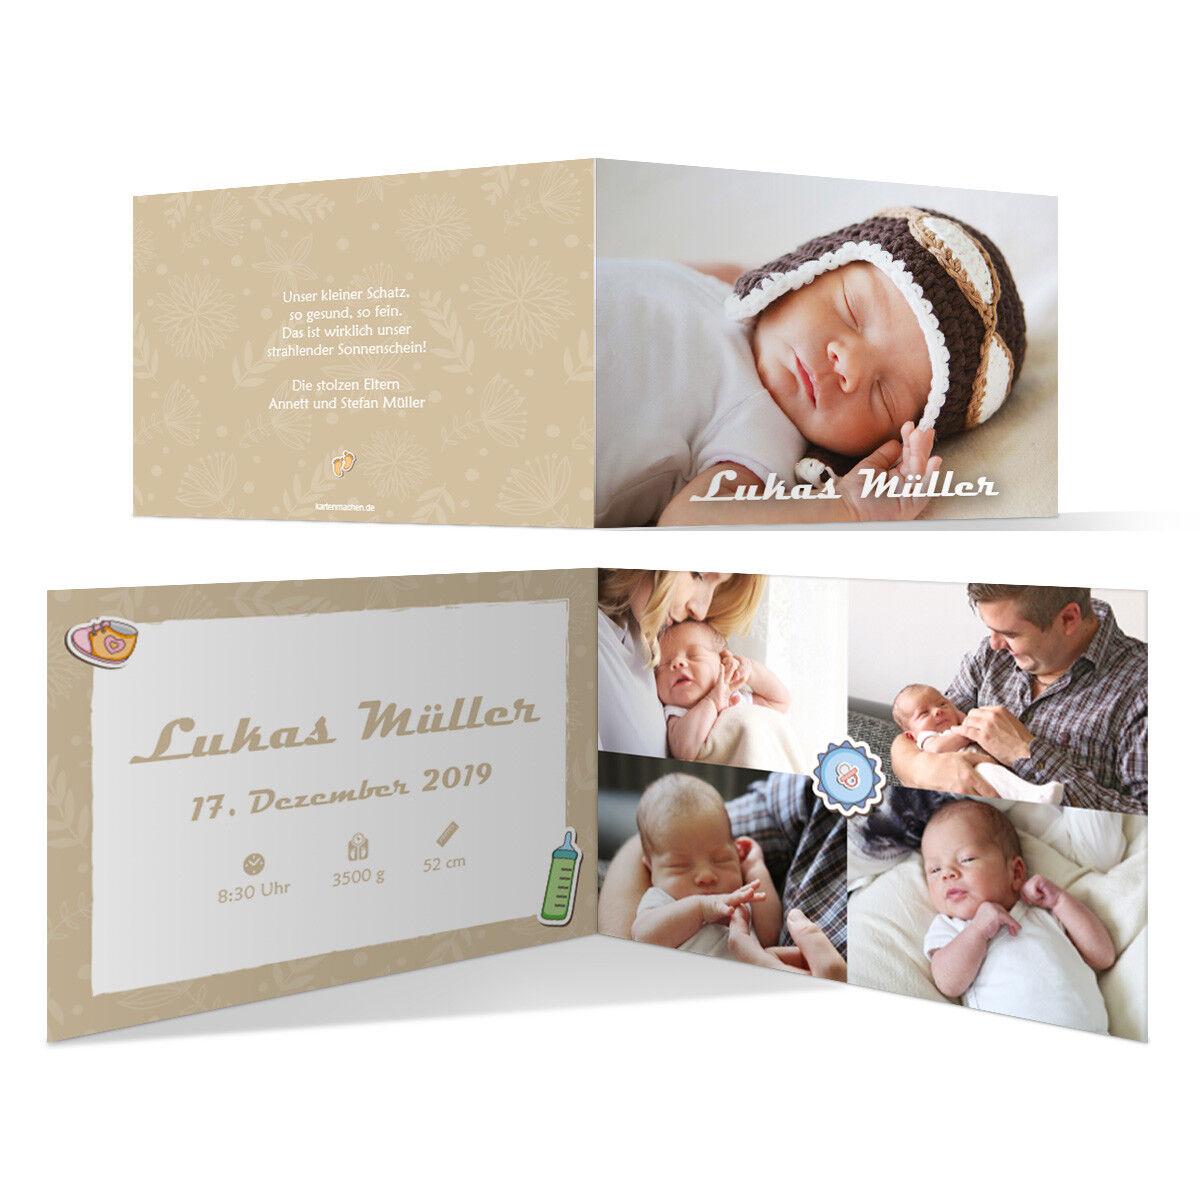 Geburt Danksagungskarten Geburtskarten individuell Fotos Text Schnelles Wachstum | Spielen Sie Leidenschaft, spielen Sie die Ernte, spielen Sie die Welt  | Hervorragende Eigenschaften